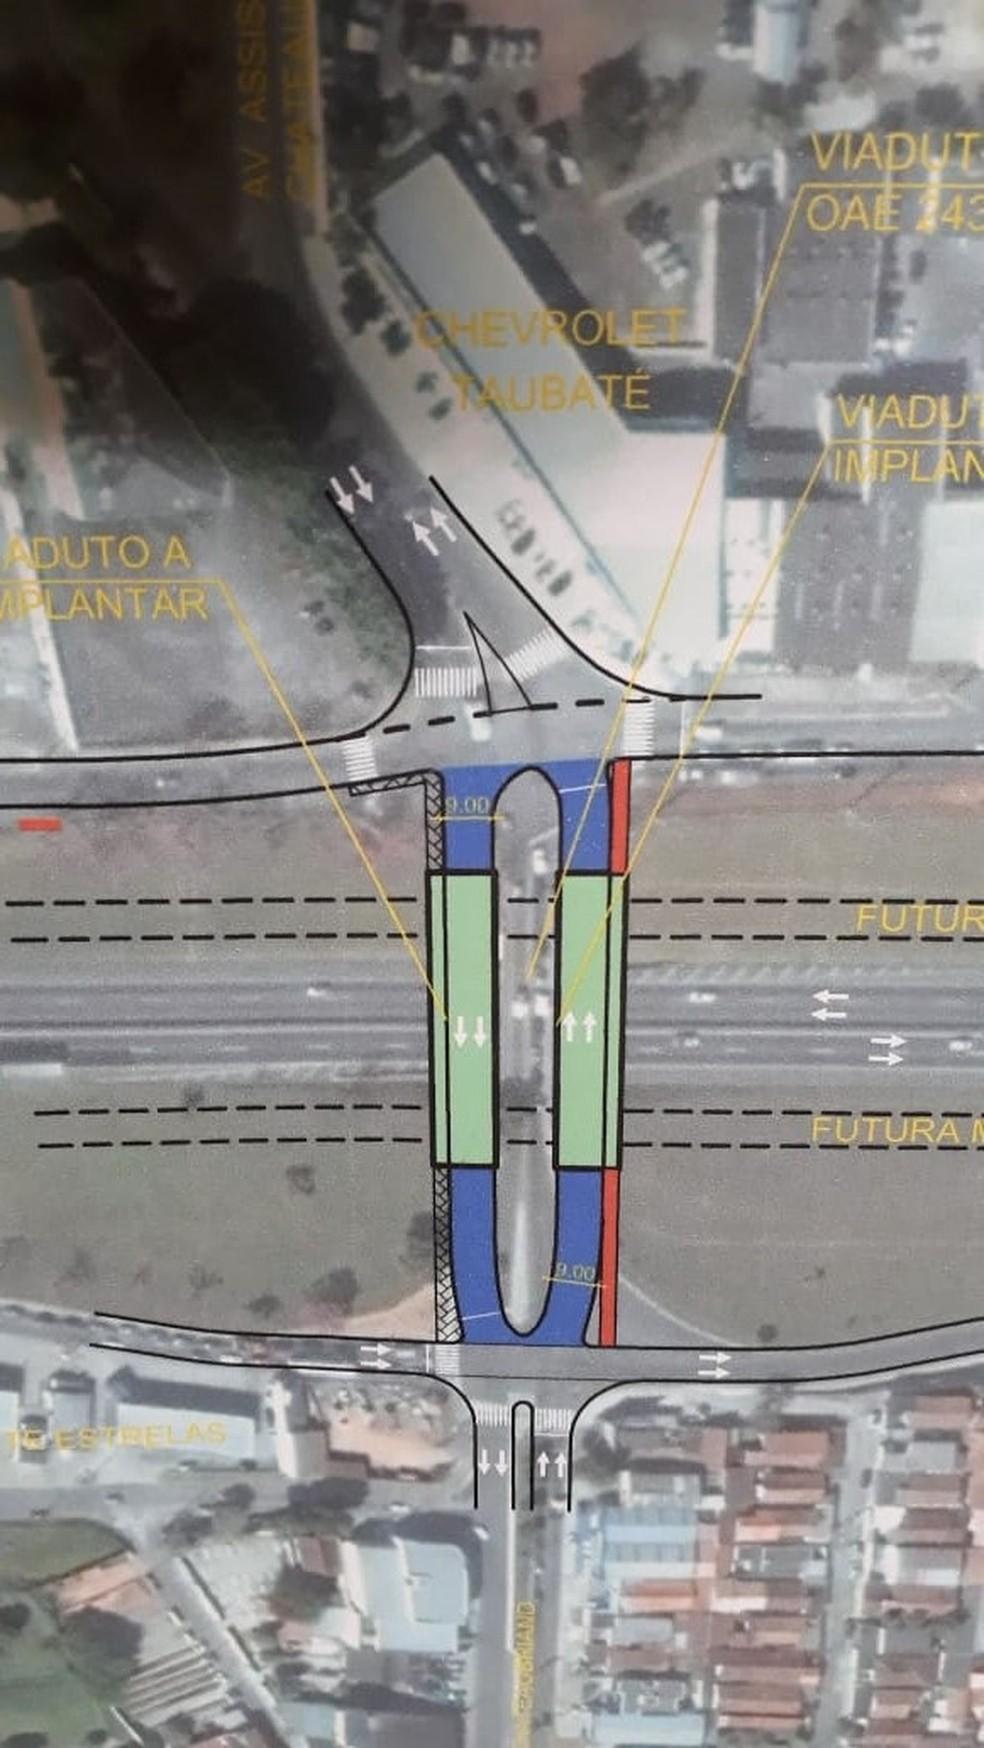 Viaduto vai ter pistas duplicadas e passa de oito para 24 metros de largura (Foto: Divulgação/Prefeitura de Taubaté)